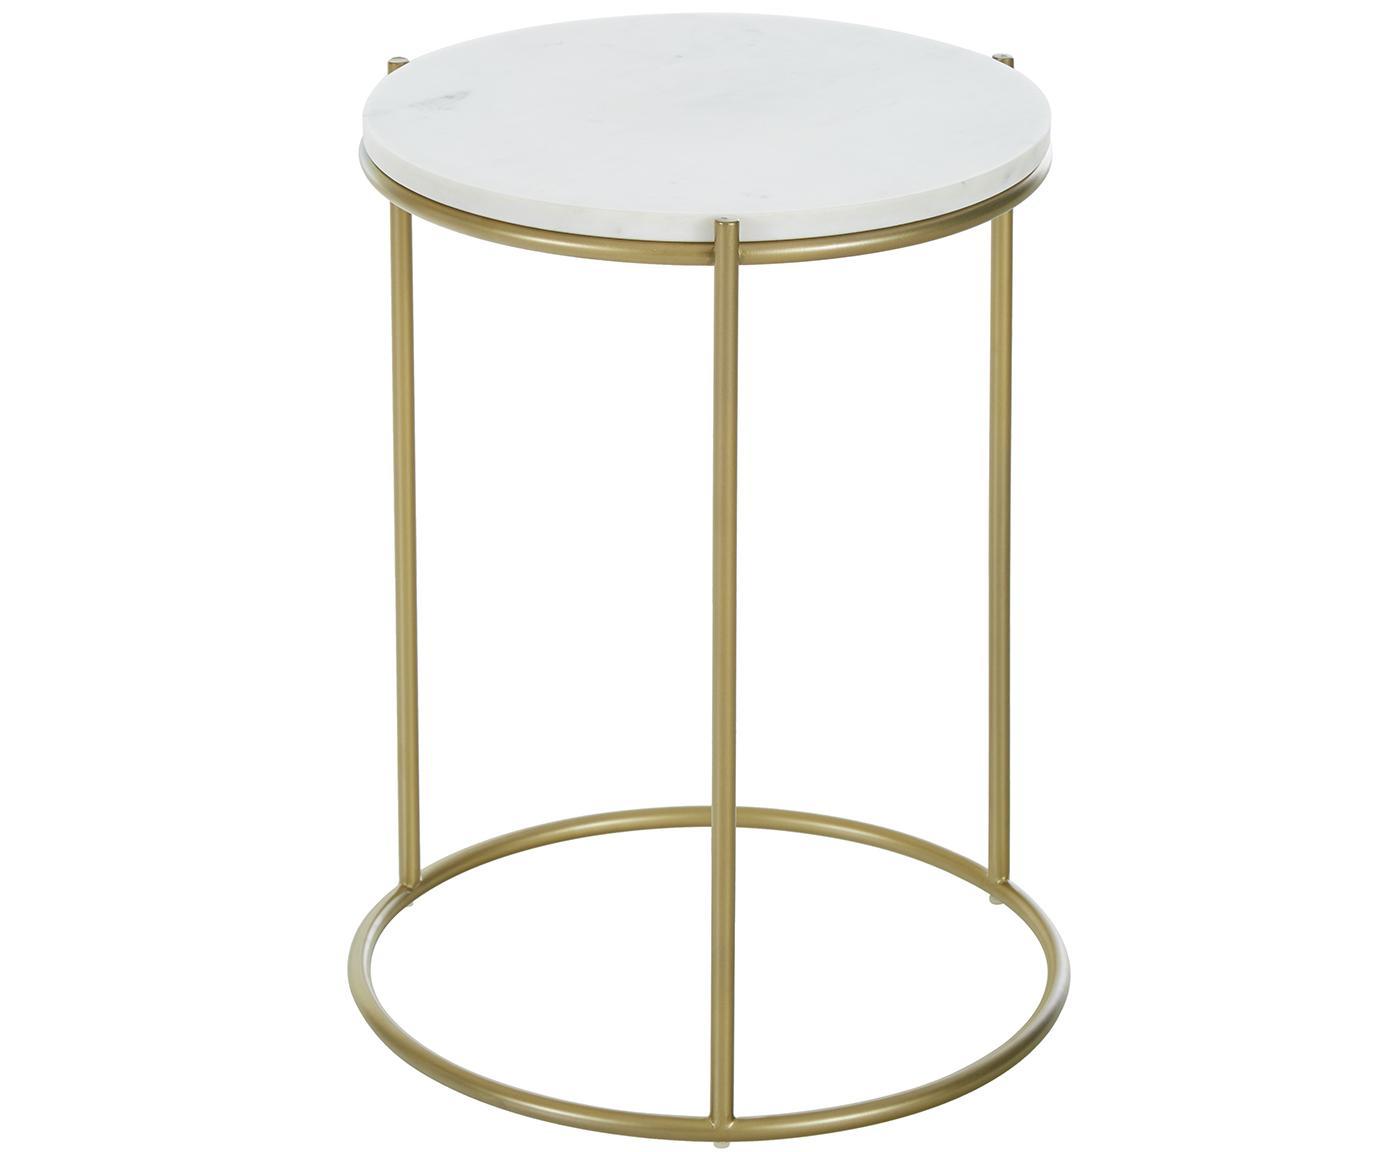 Runder Marmor-Beistelltisch Ella, Tischplatte: Marmor, Gestell: Metall, pulverbeschichtet, Tischplatte: Weißer Marmor Gestell: Goldfarben, matt, Ø 40 x H 50 cm